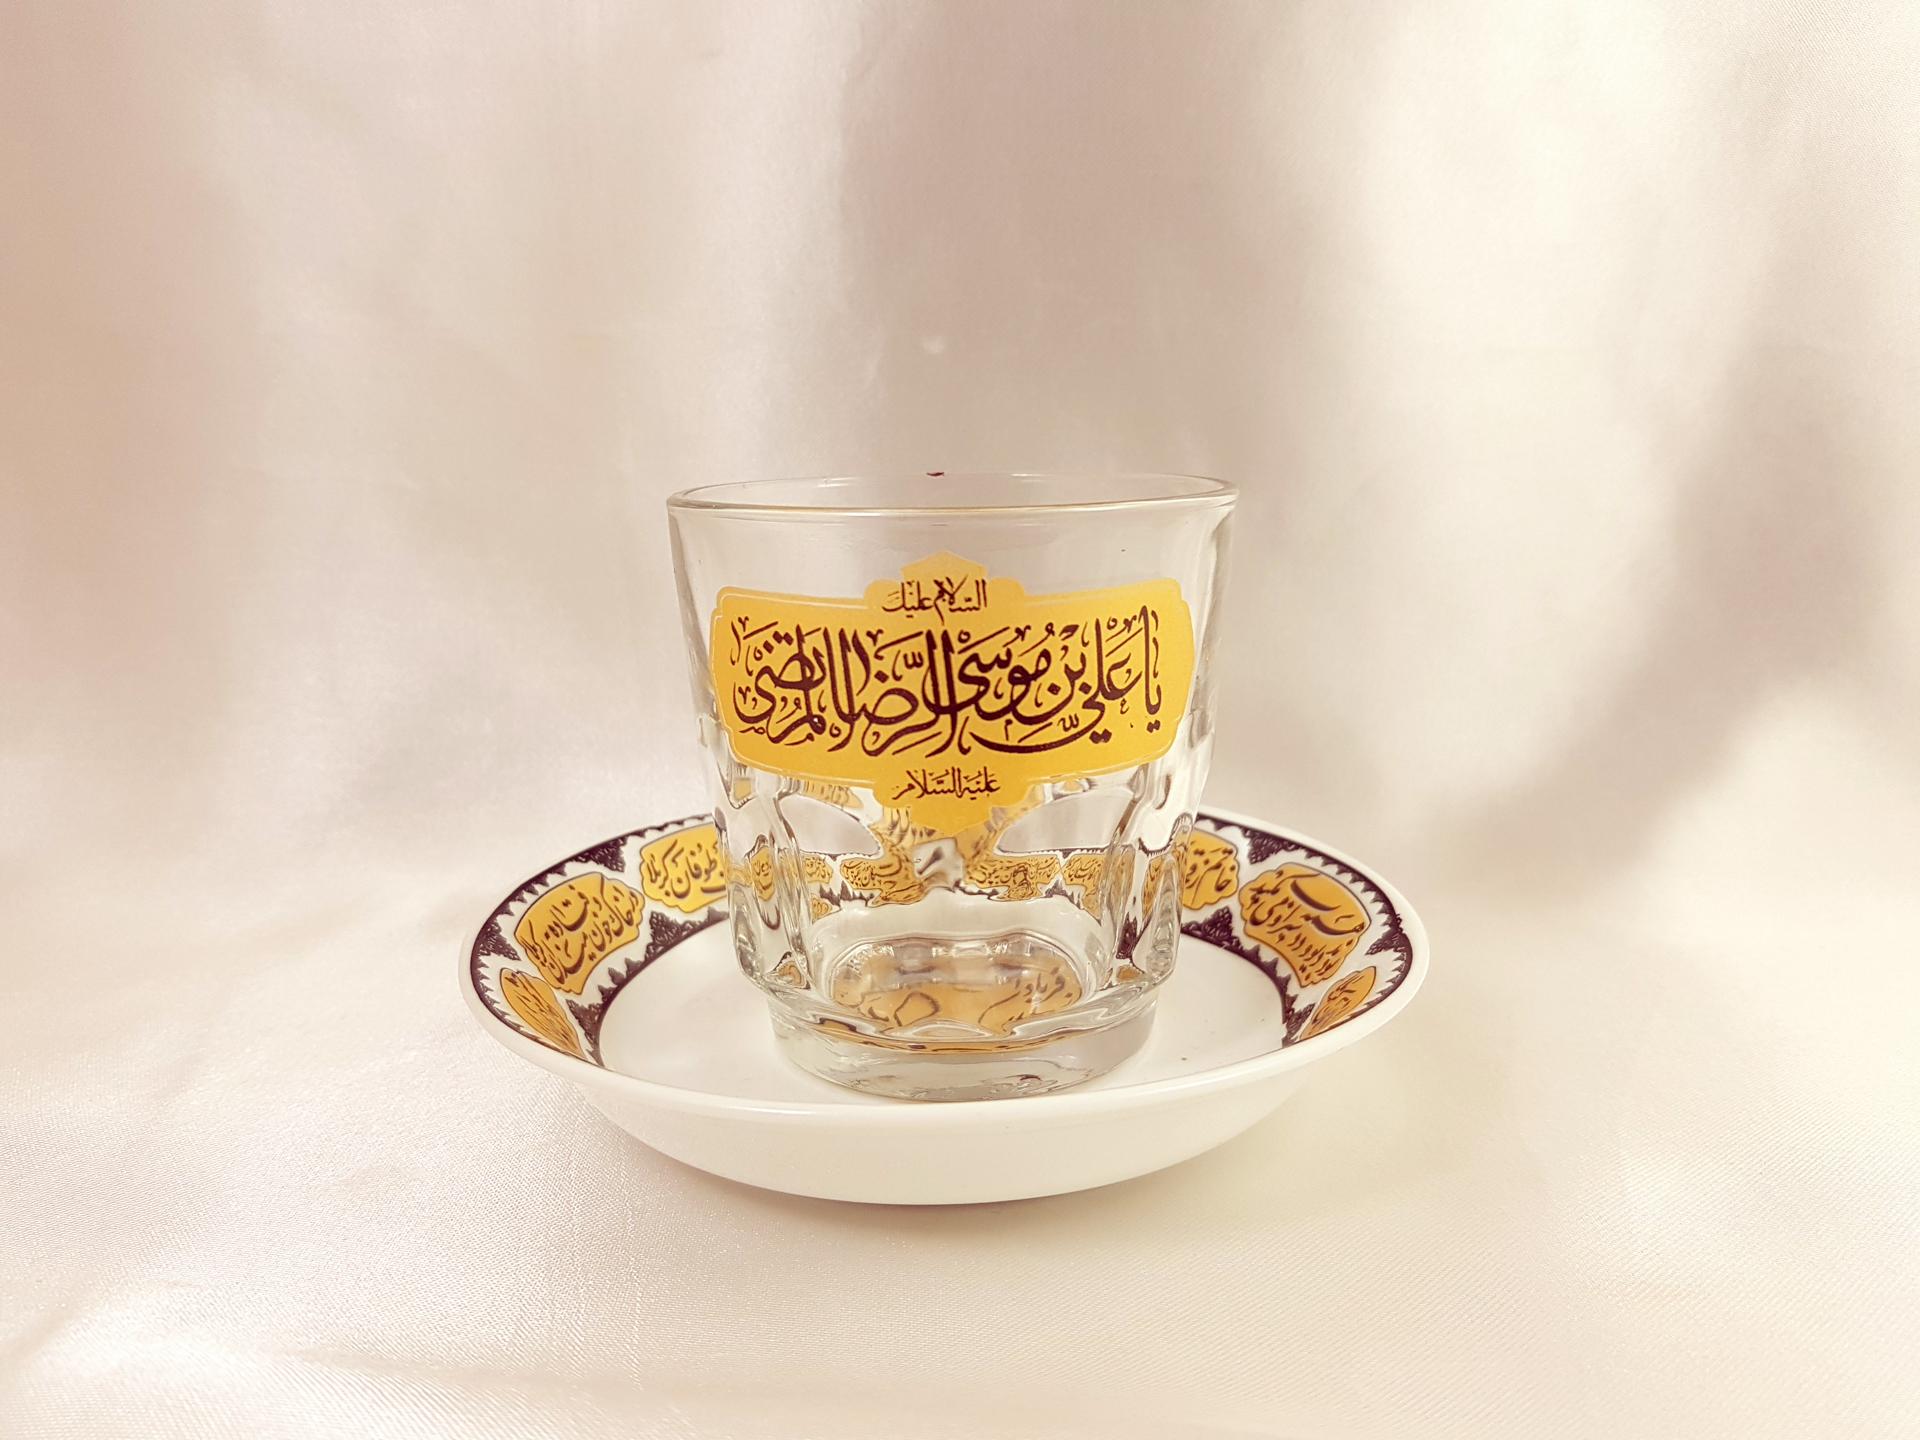 تصویر از استکان و نعلبکی نیم لیوان هیئت یا علی ابن موسی الرضا(ع)